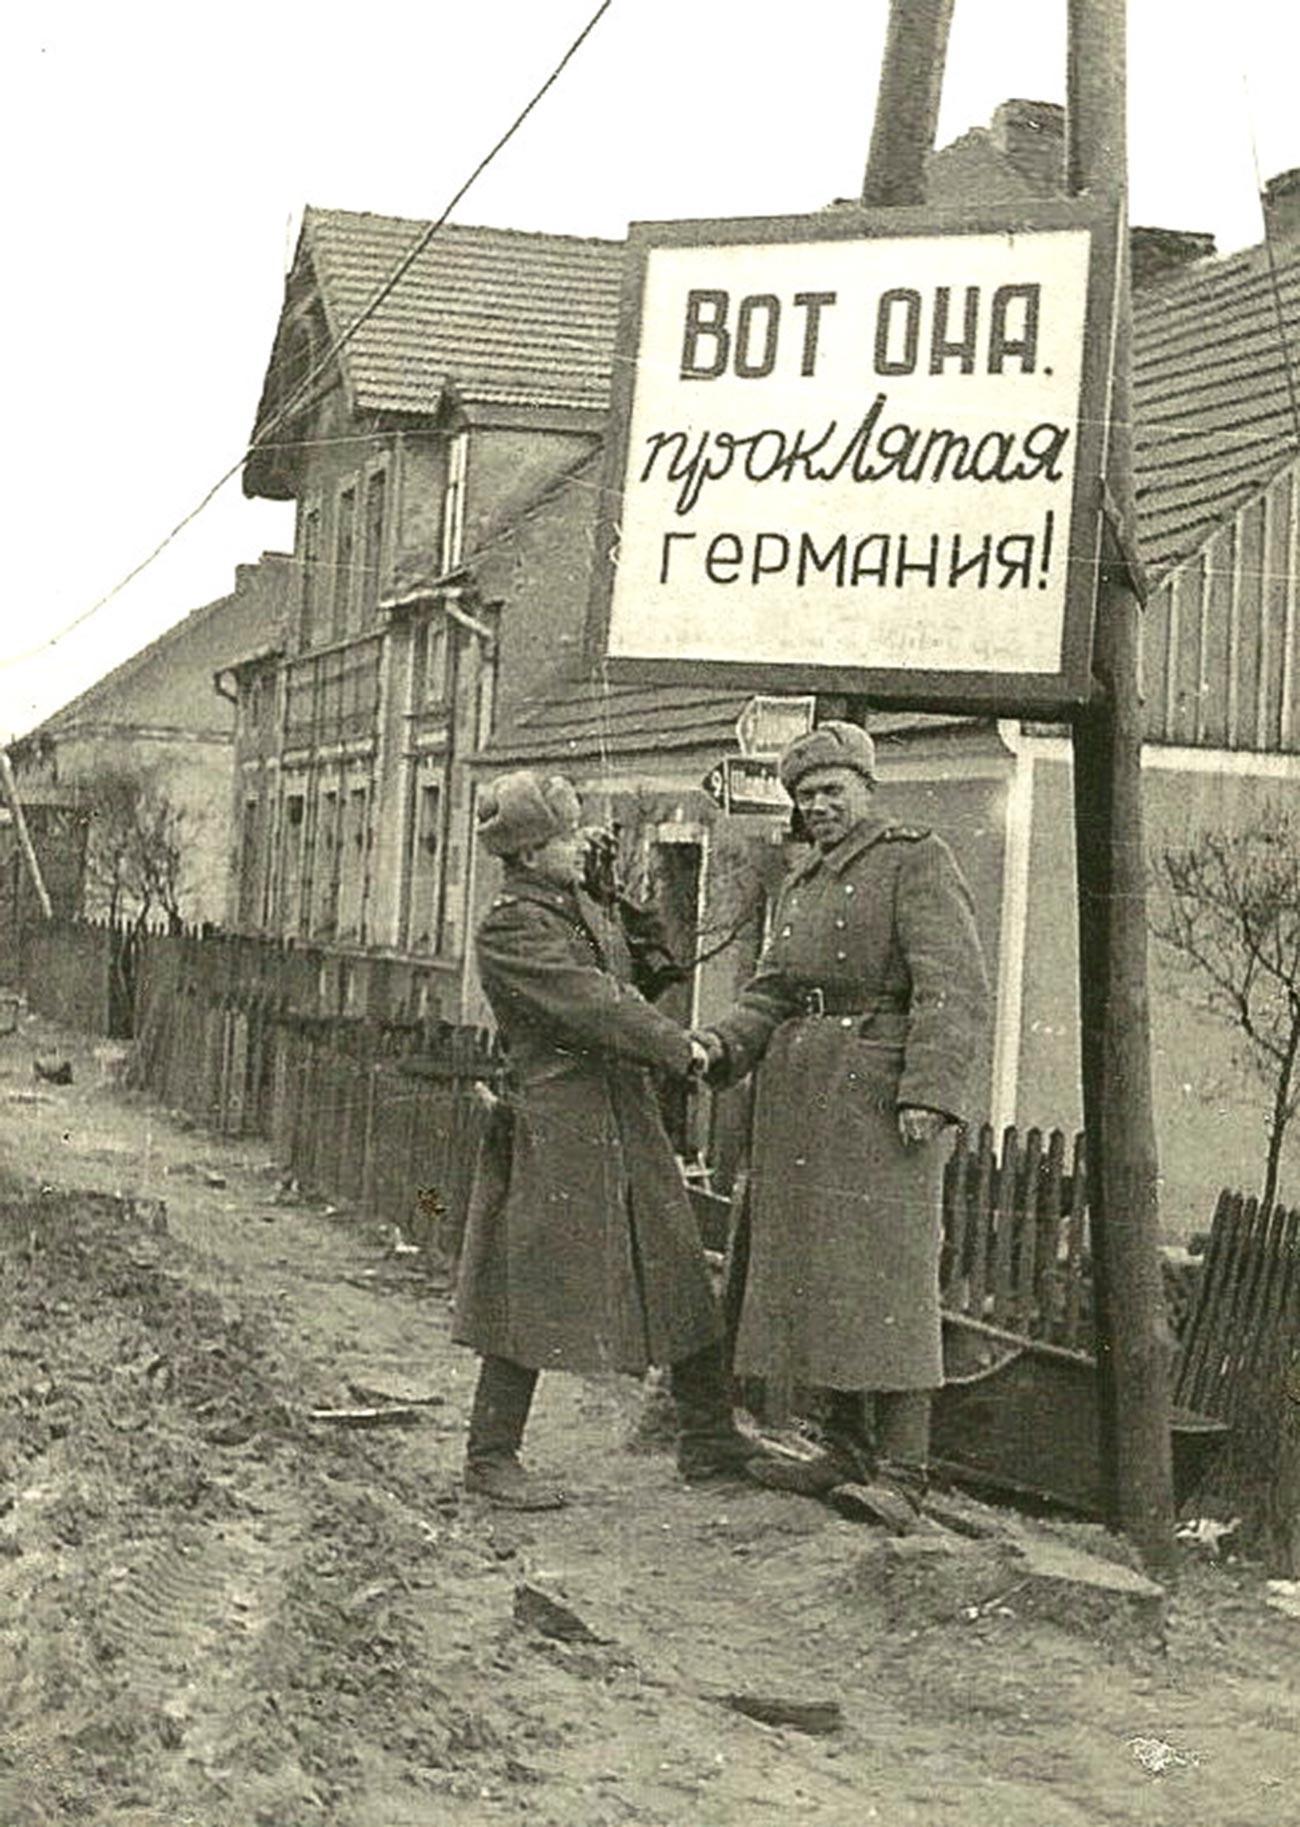 看板には「ここにいた、忌々しいドイツ!」の文言。『ポメラニアの戦い』を撮影中の戦場カメラマン、イリヤ・アロンス(左)とボリス・デメンチエフ。ポーランドとドイツの旧国境にて。1945年4月。